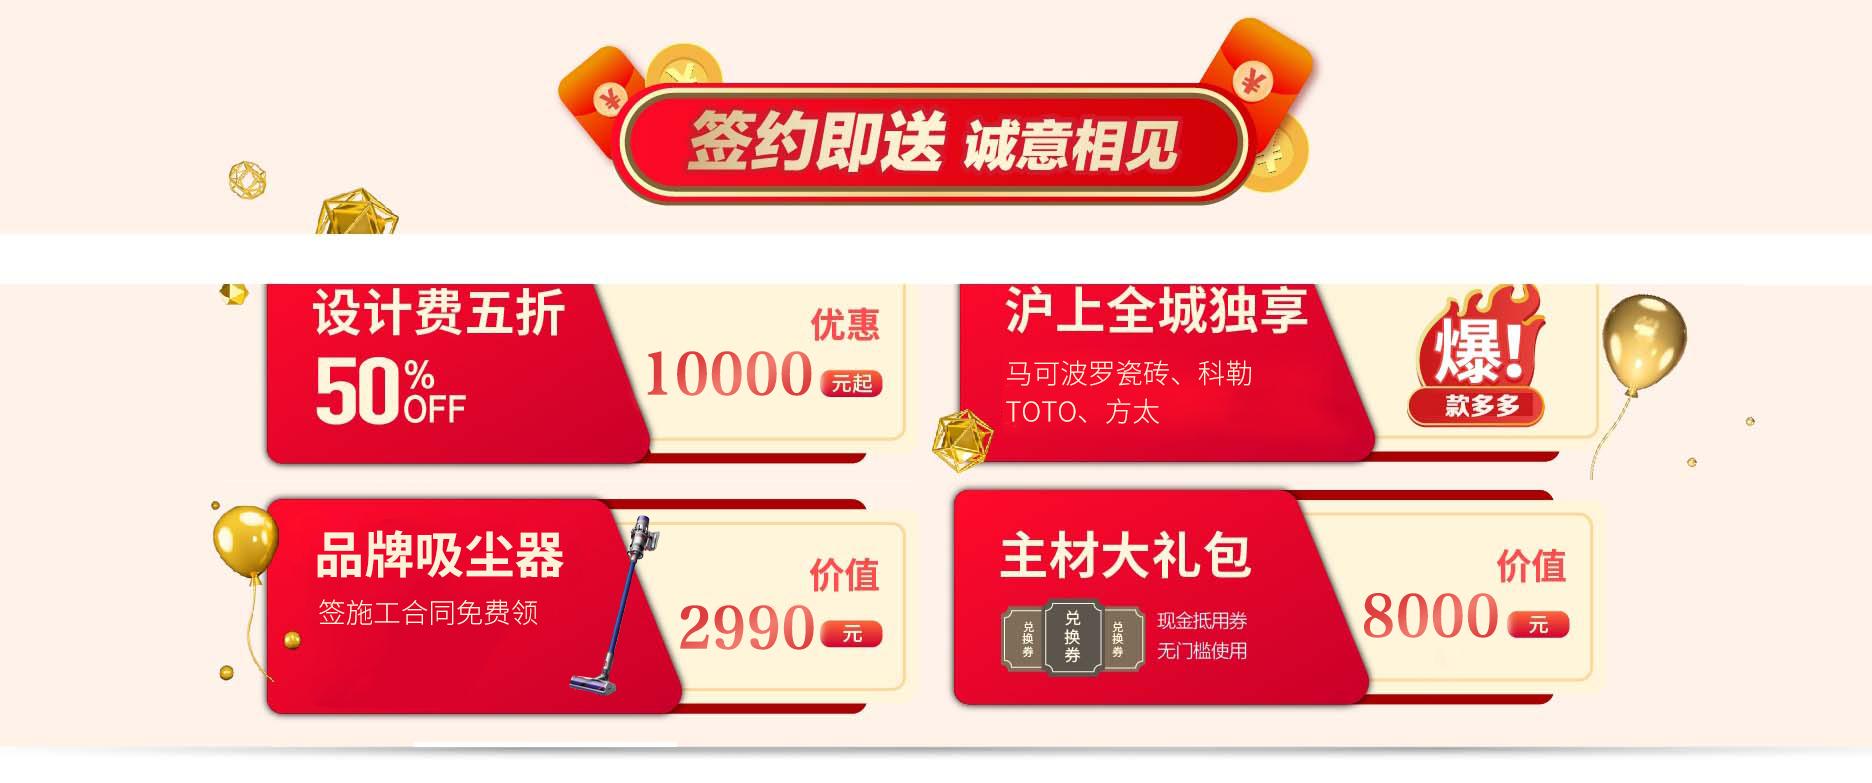 上海装修博览会2021优惠2